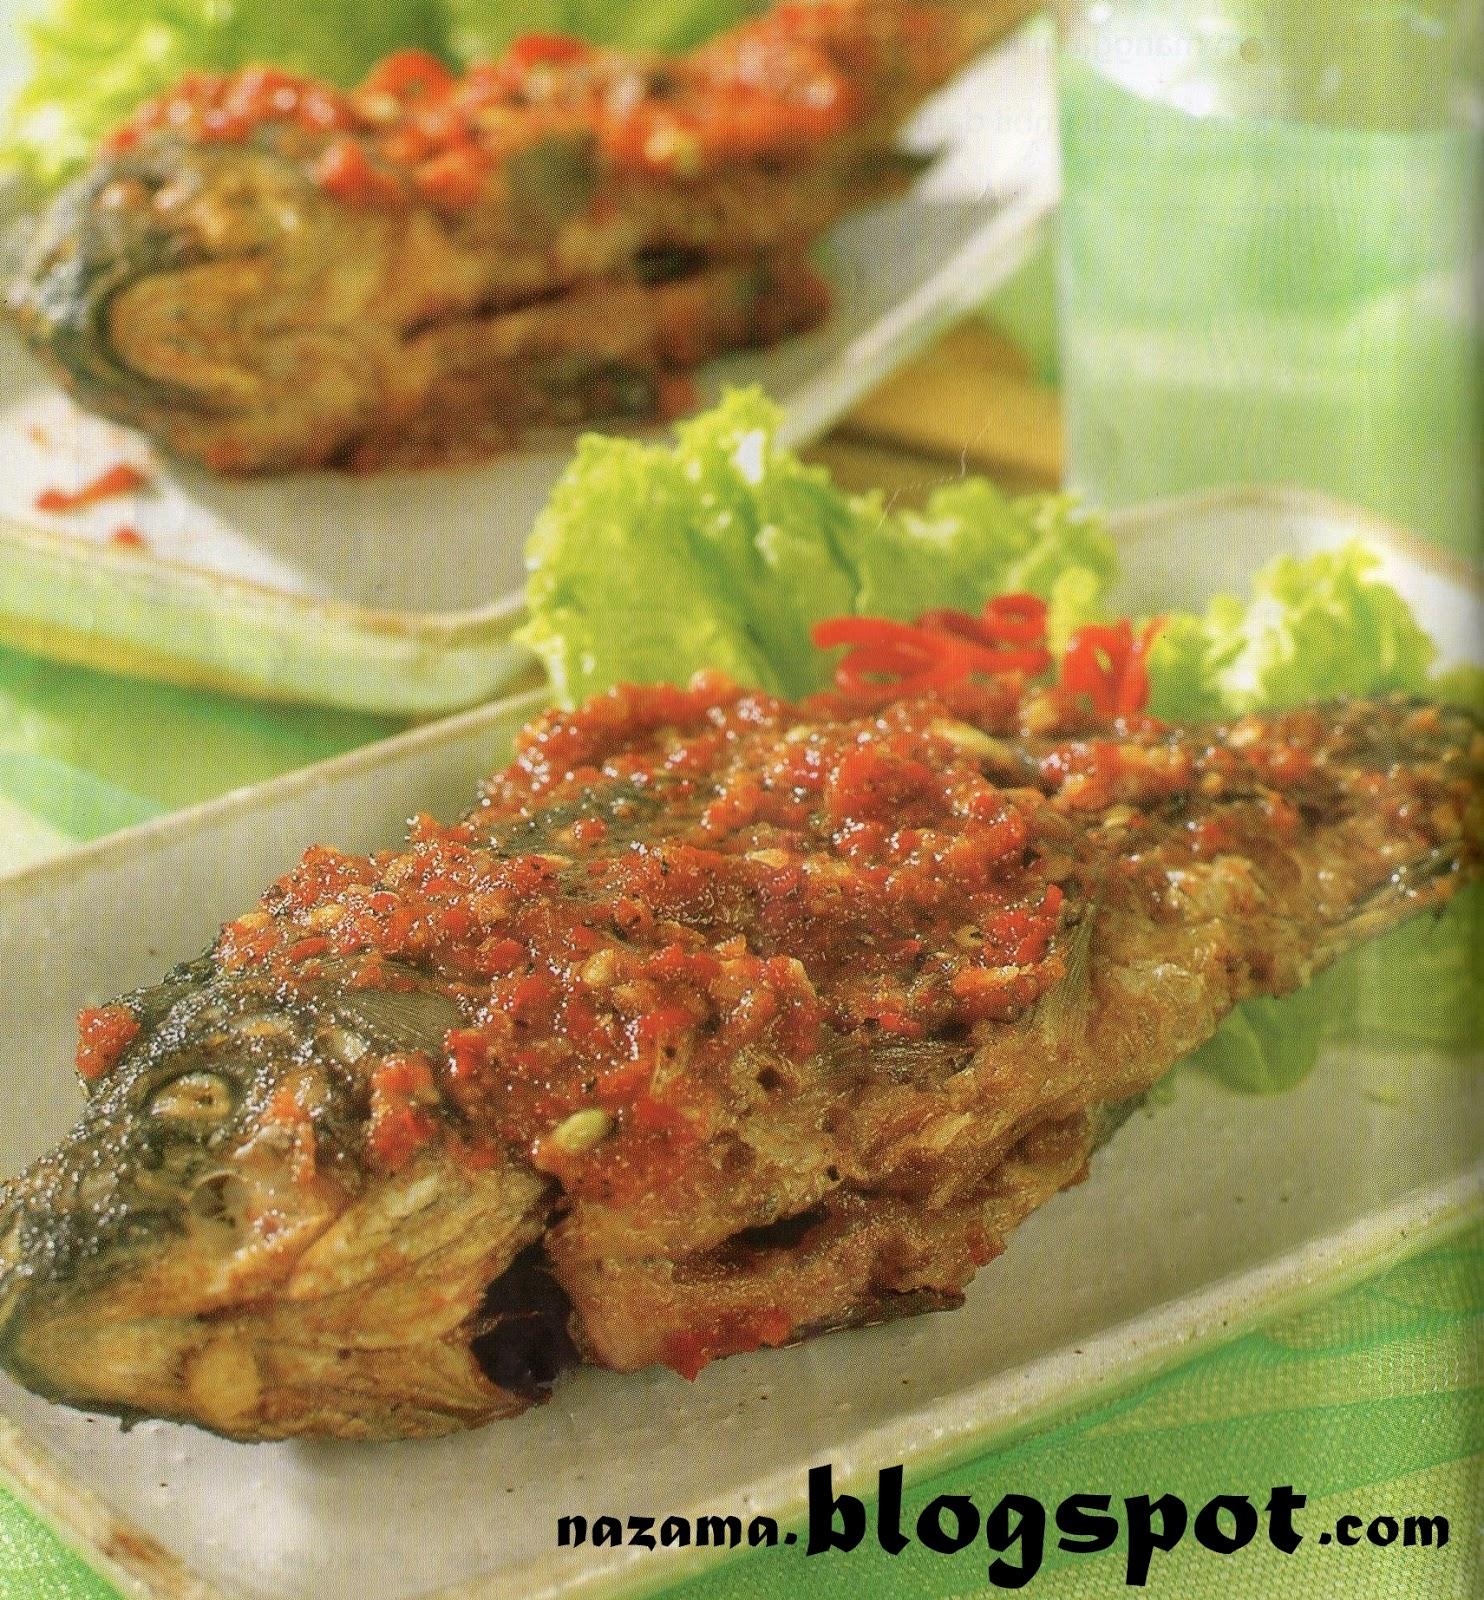 Cobek Ikan Mas khas Jawa Barat